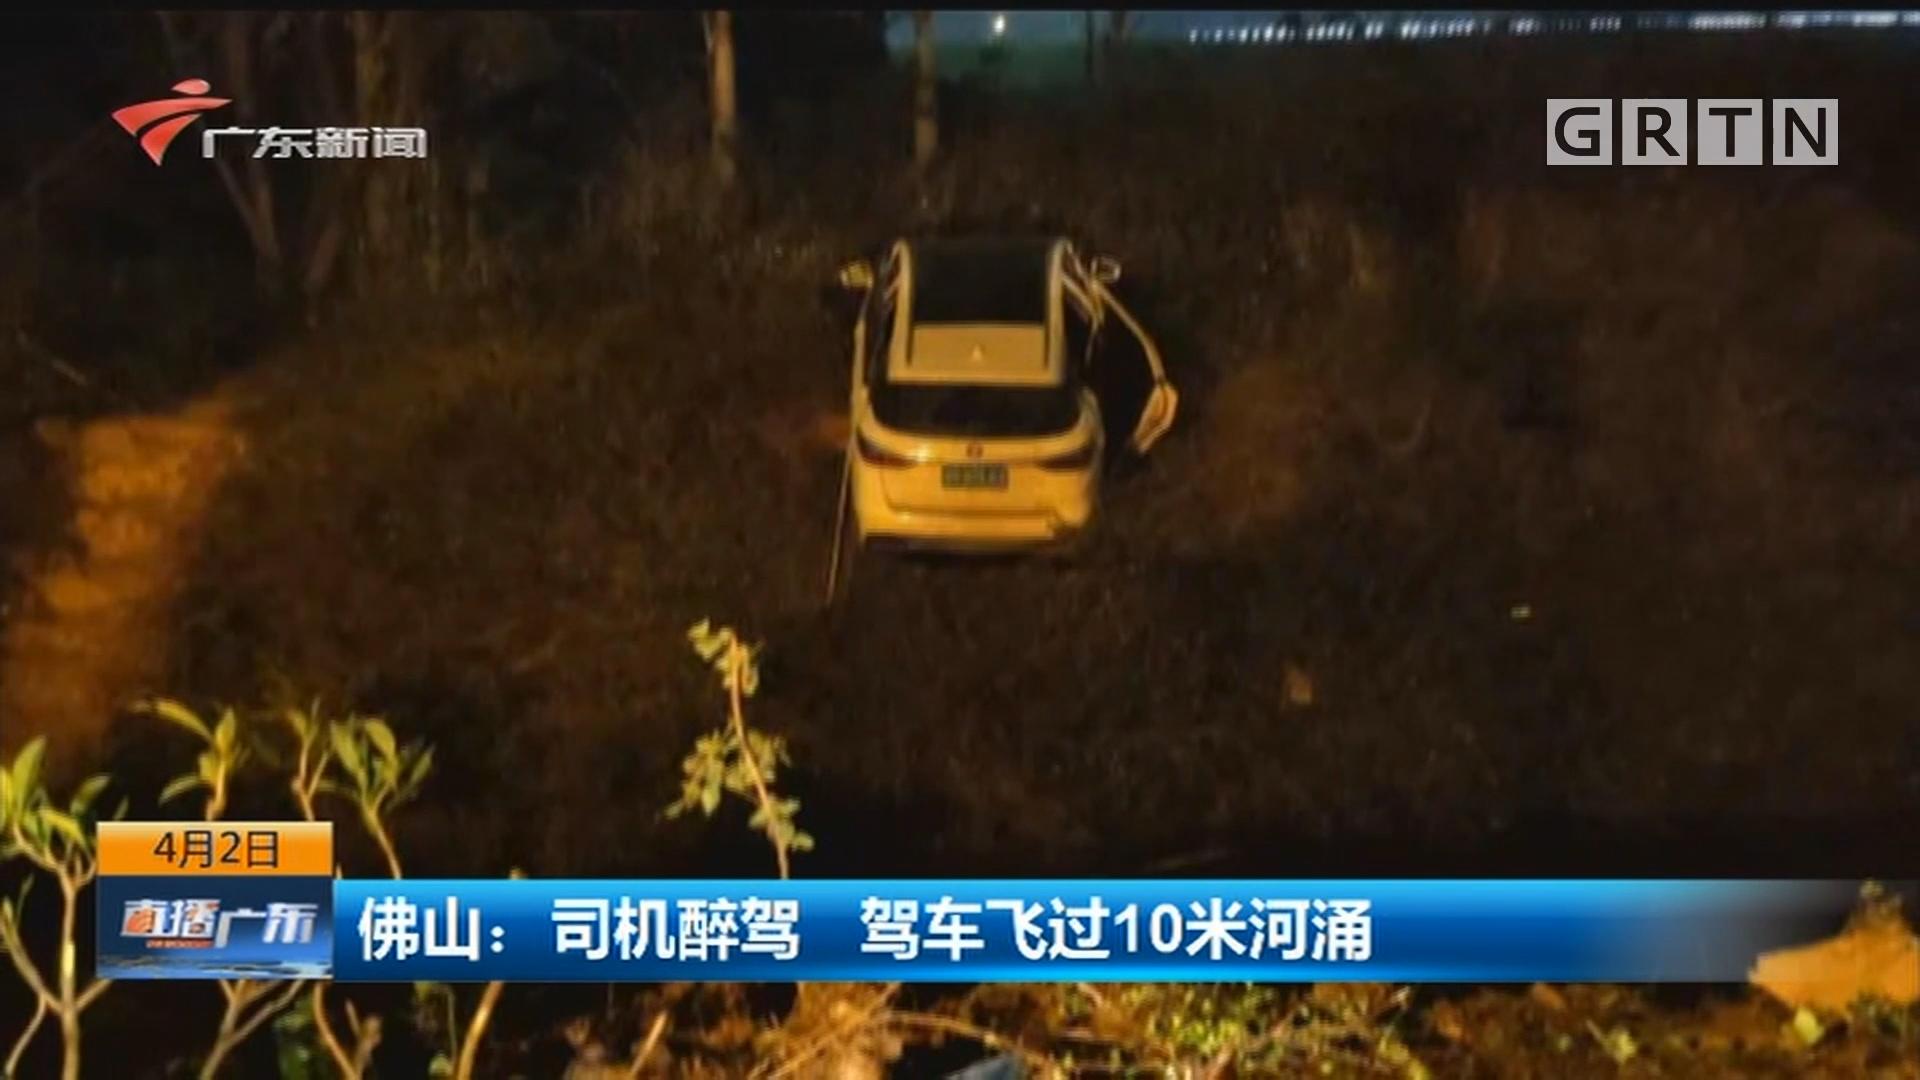 佛山:司机醉驾 驾车飞过10米河涌